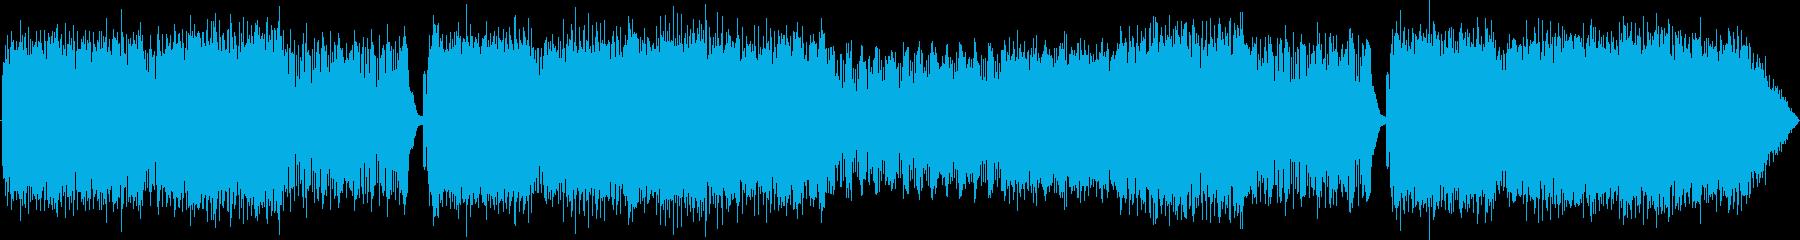 疾走感のあるエレクトロロックの再生済みの波形